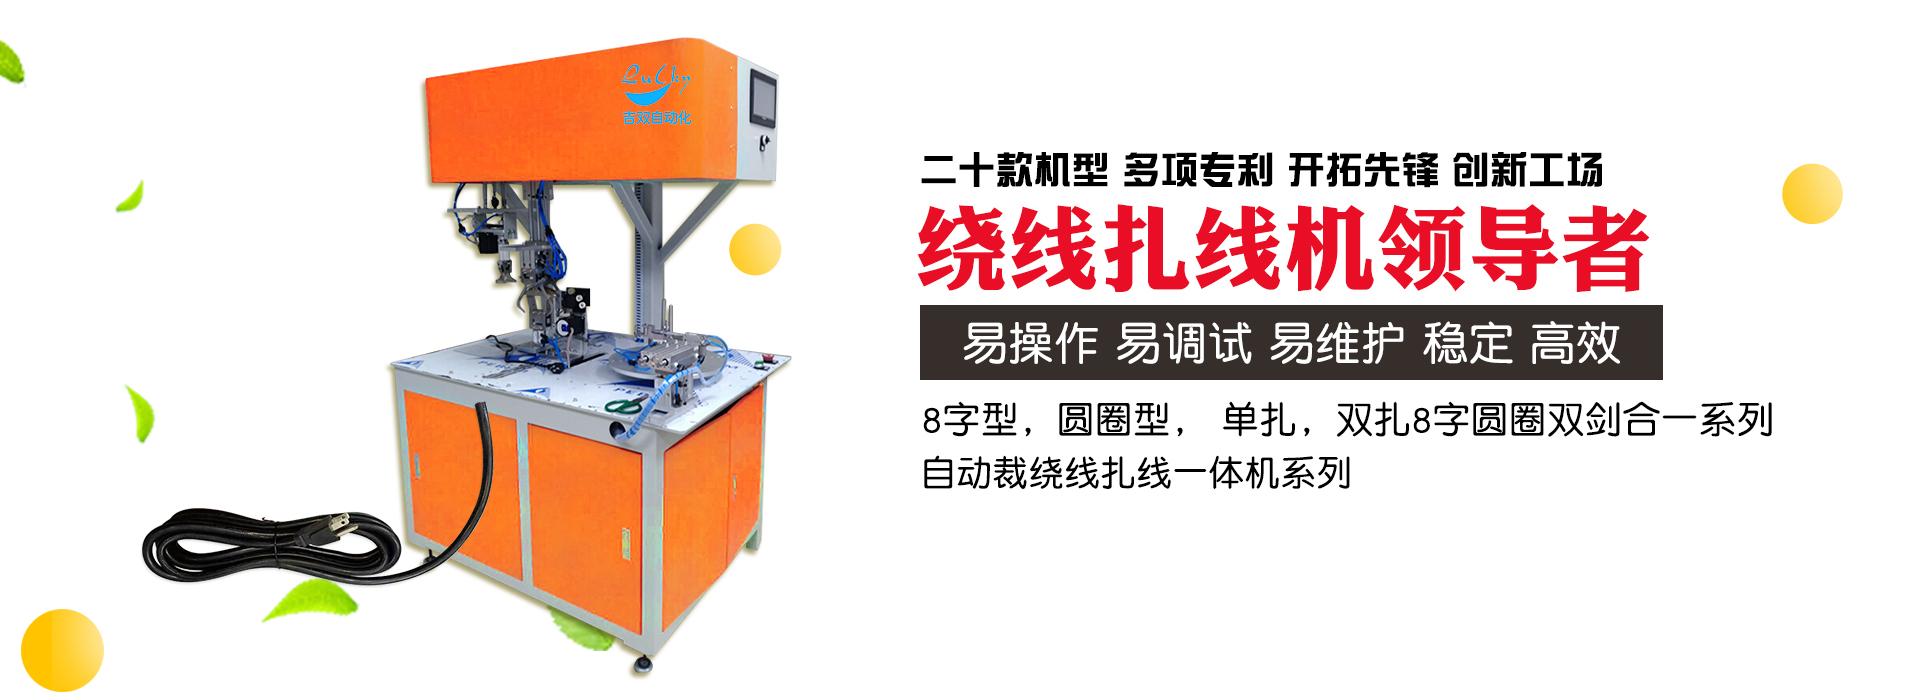 自动绕线机二十多款机型新升级款 专业厂家吉双自动绕线机 自动绕线机厂家